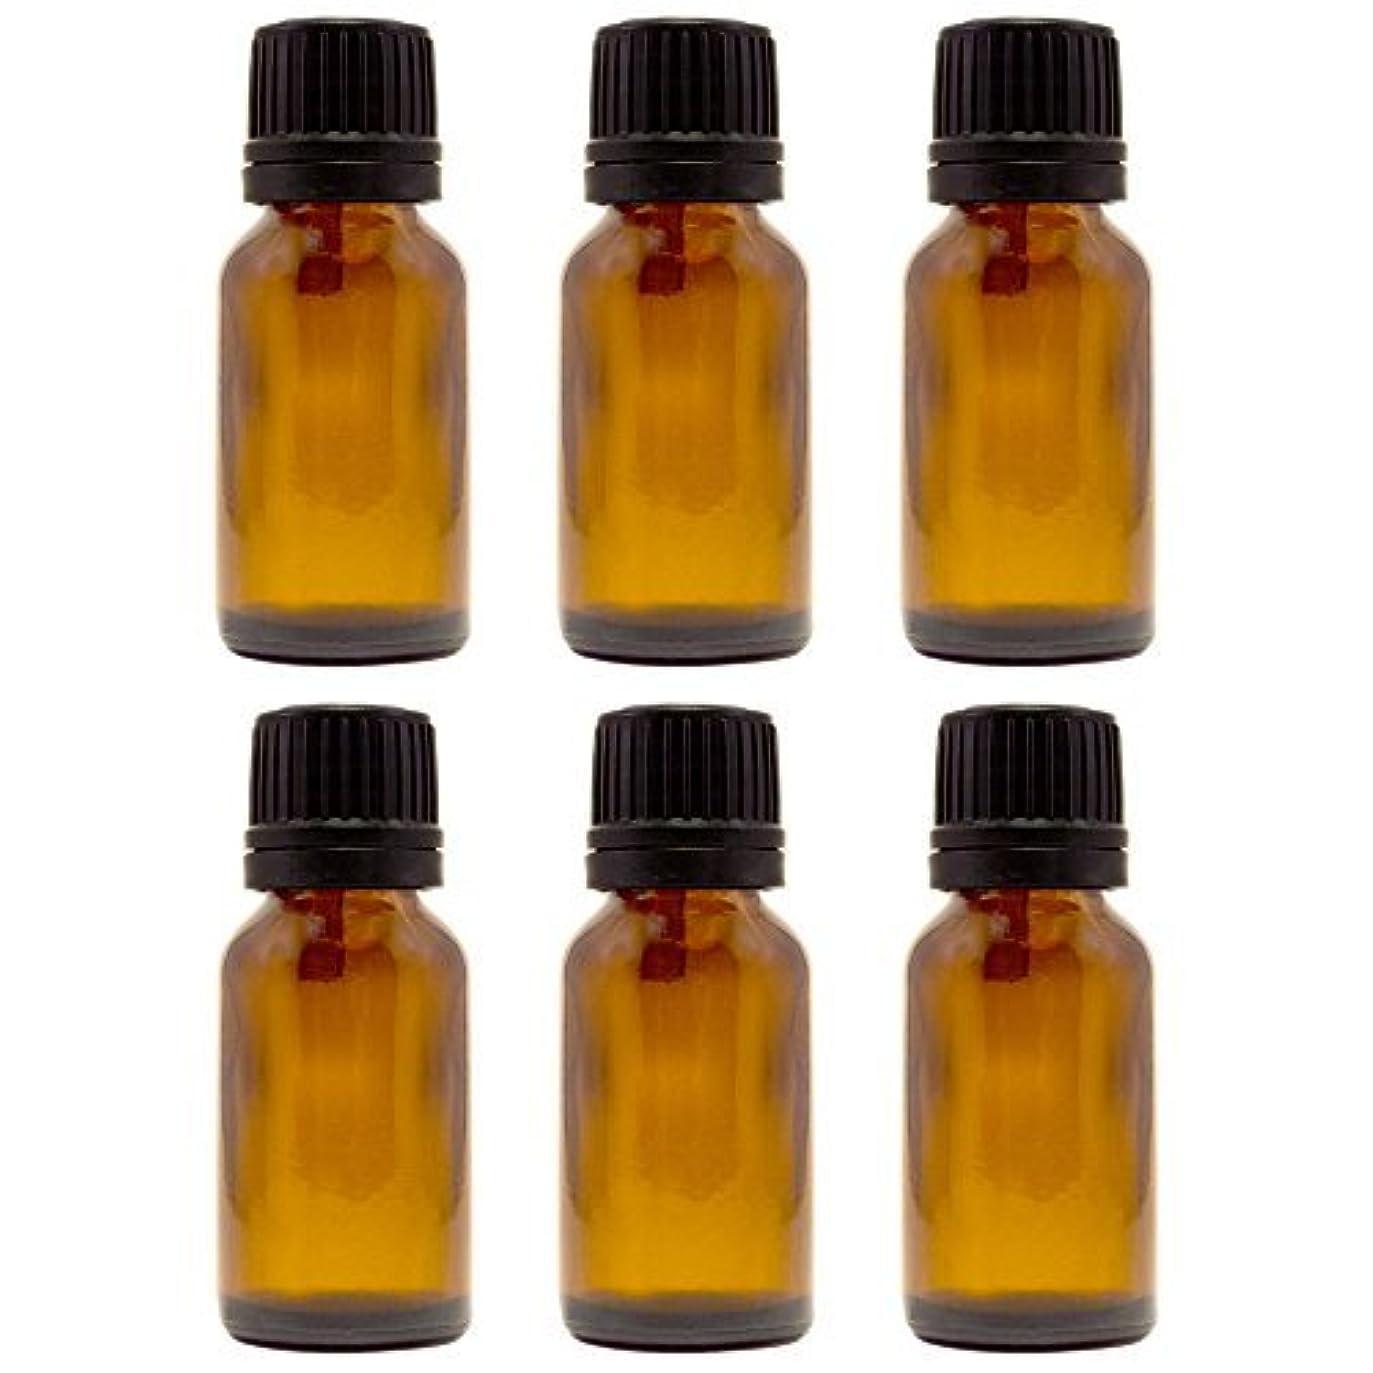 クランシー姿勢メールを書く15 ml (1/2 fl oz) Amber Glass Bottle with Euro Dropper (6 Pack) [並行輸入品]